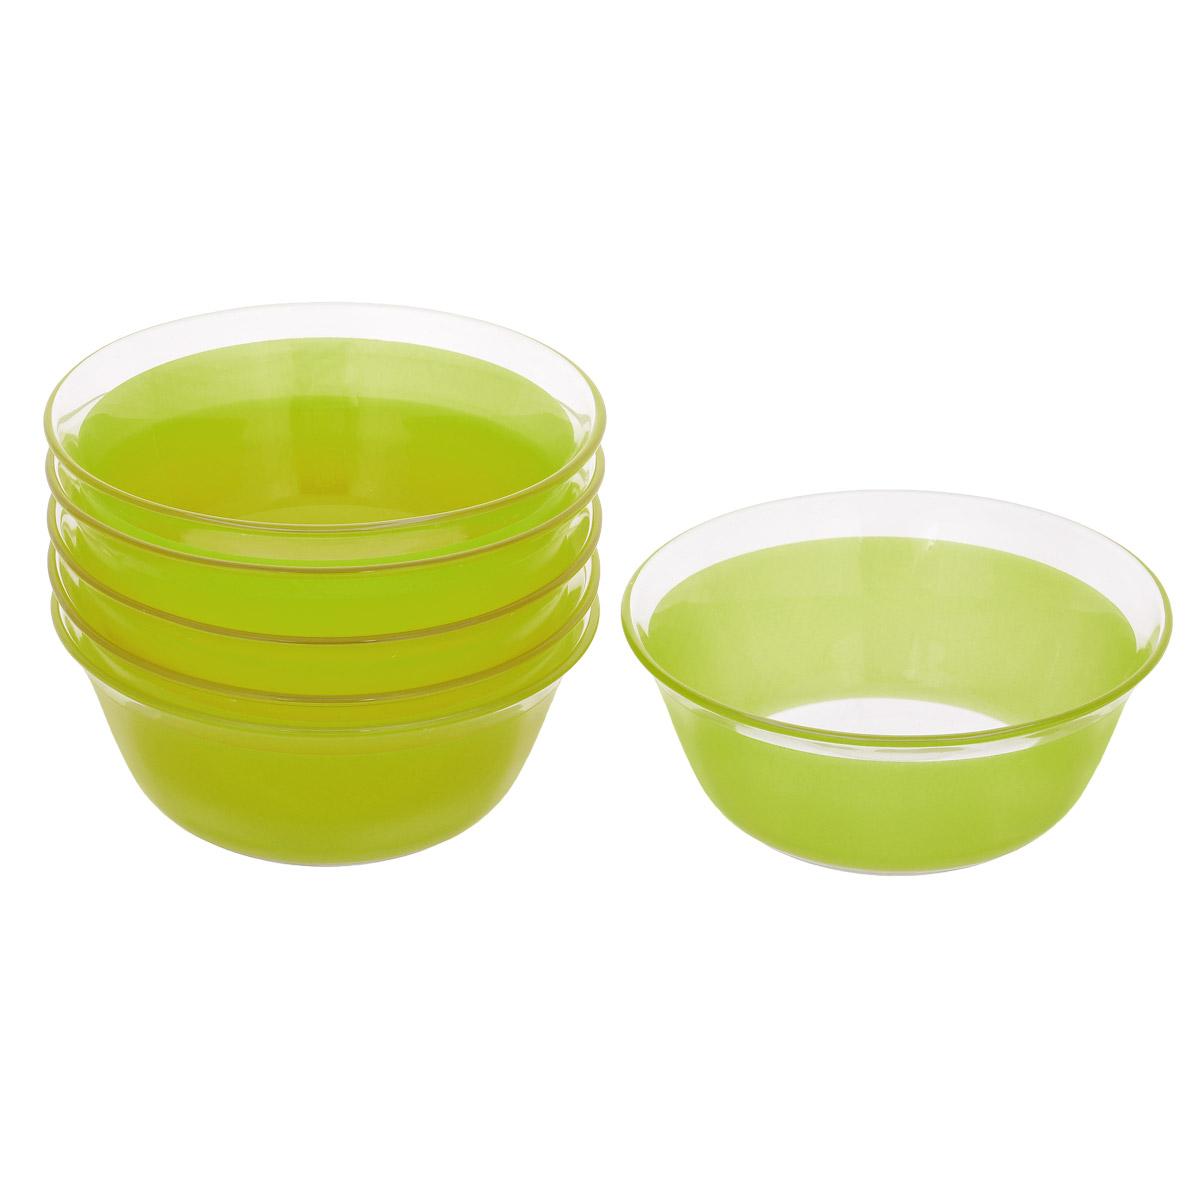 Набор салатников, цвет: зеленый, диаметр 12  см, 6 шт. Кт FW50 набор салатников atlantis атлантис диаметр 12 см 6 шт